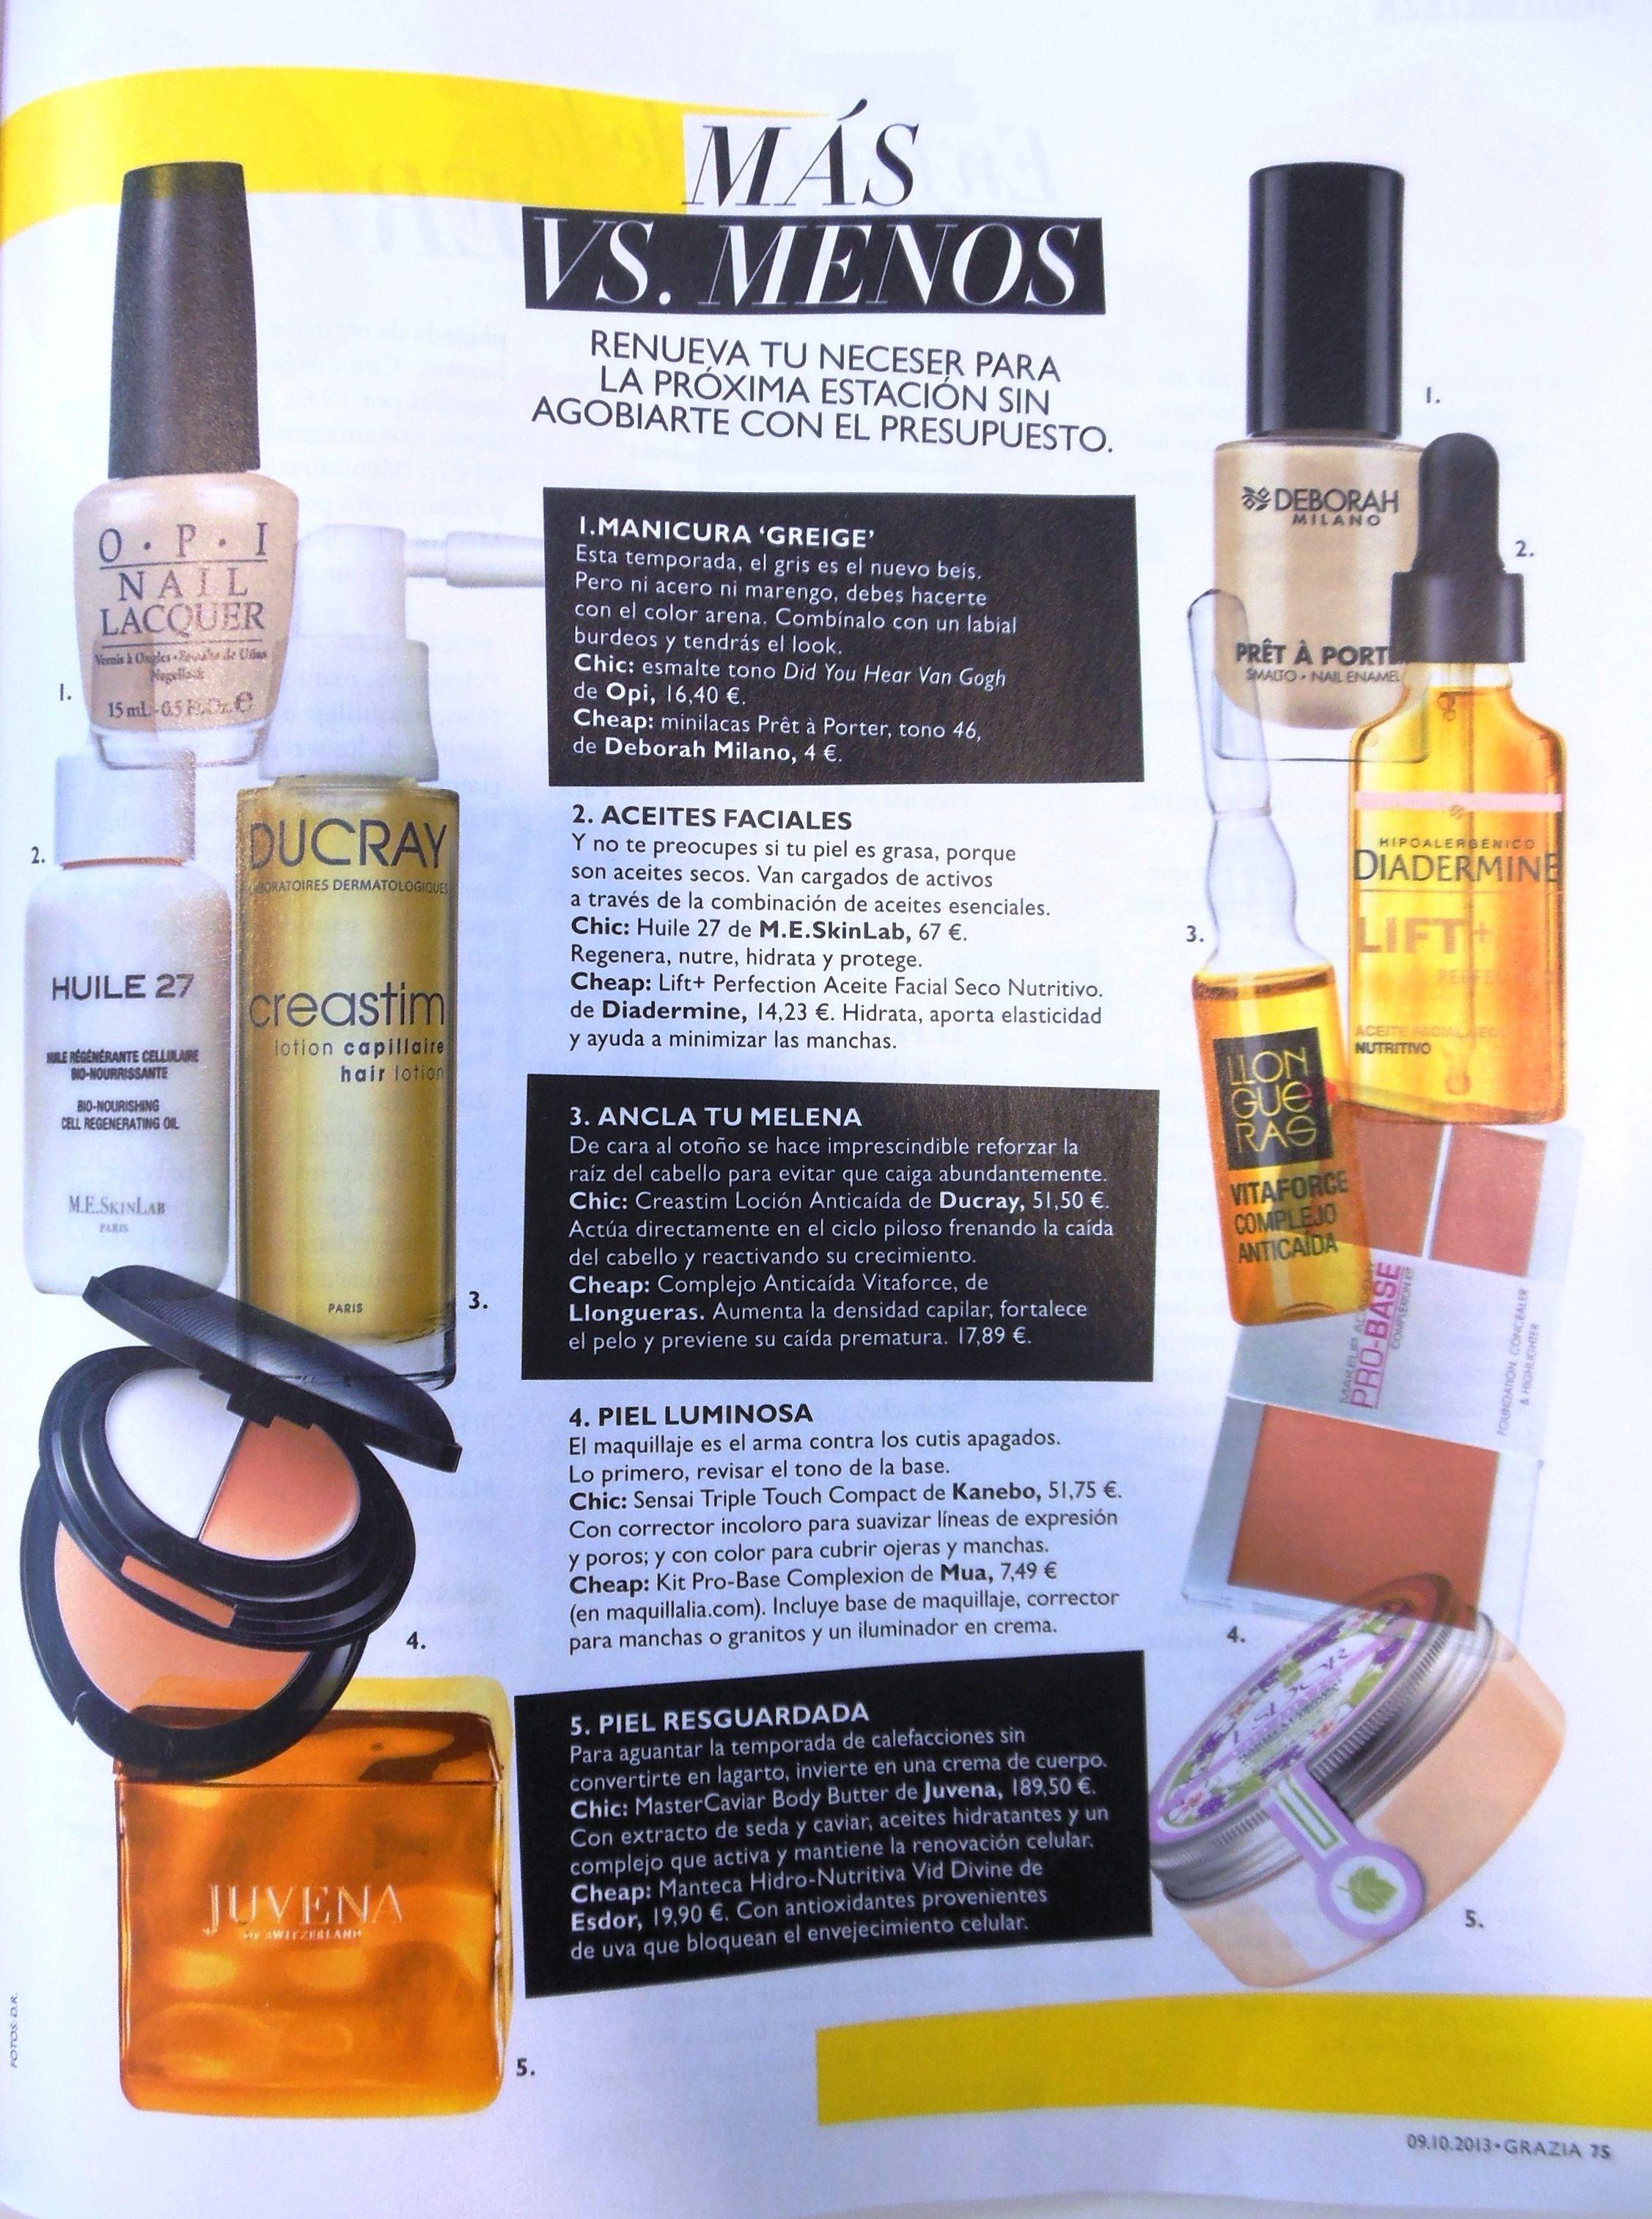 Revista Grazia 9 de octubre de 2013. Más Vs Menos. Producto Creastim loción anticaída. Ducray